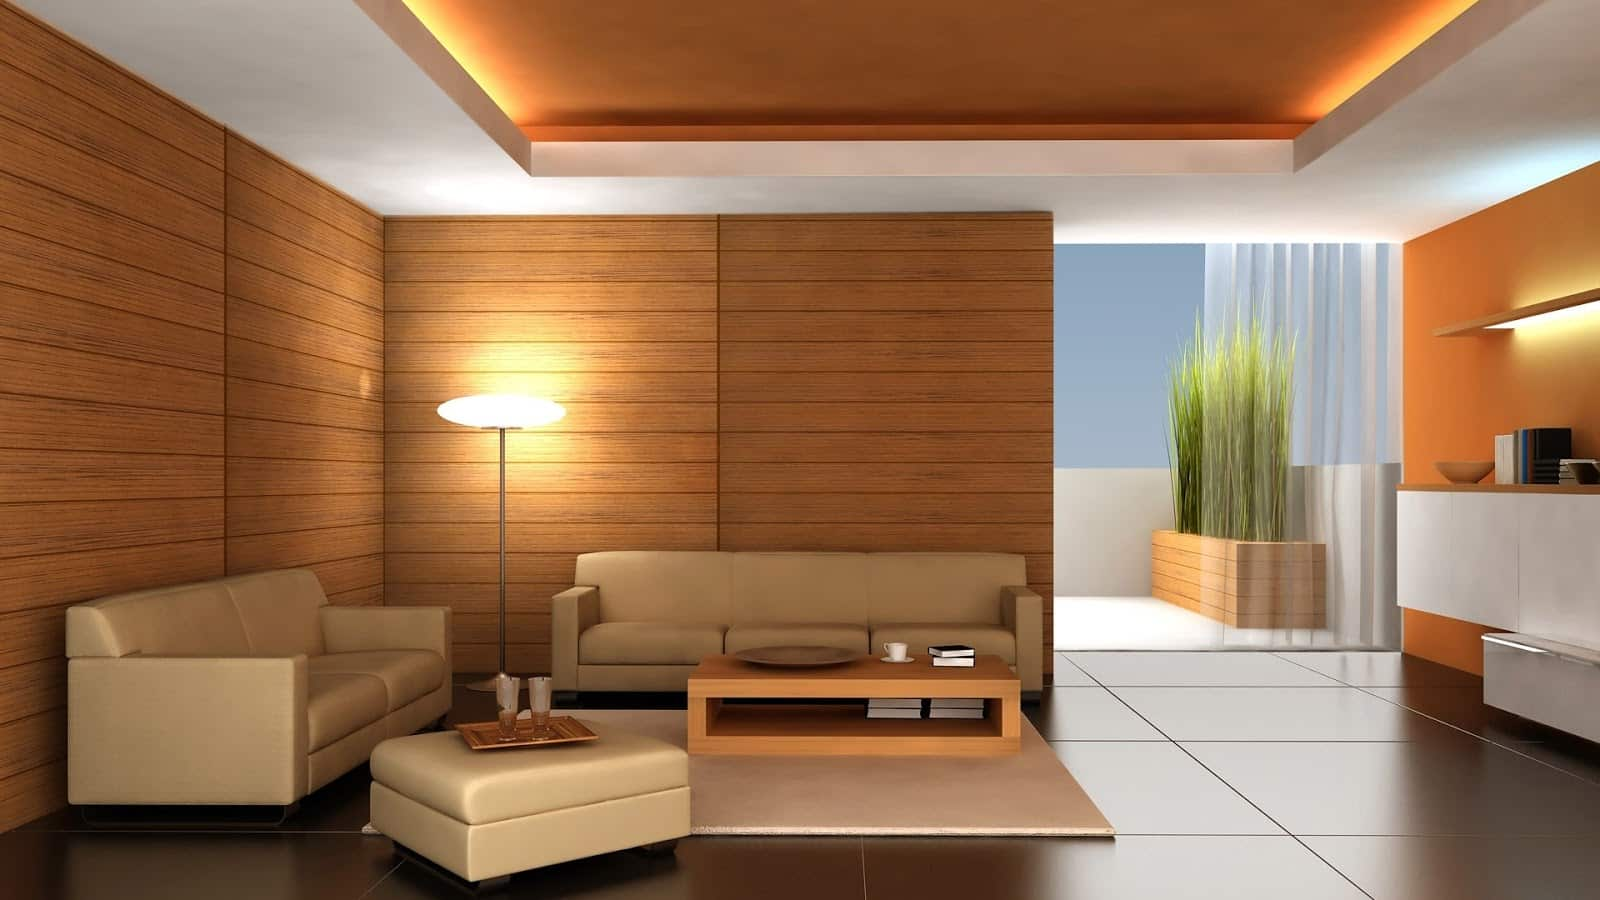 23 contemporary living room ideas -designbump